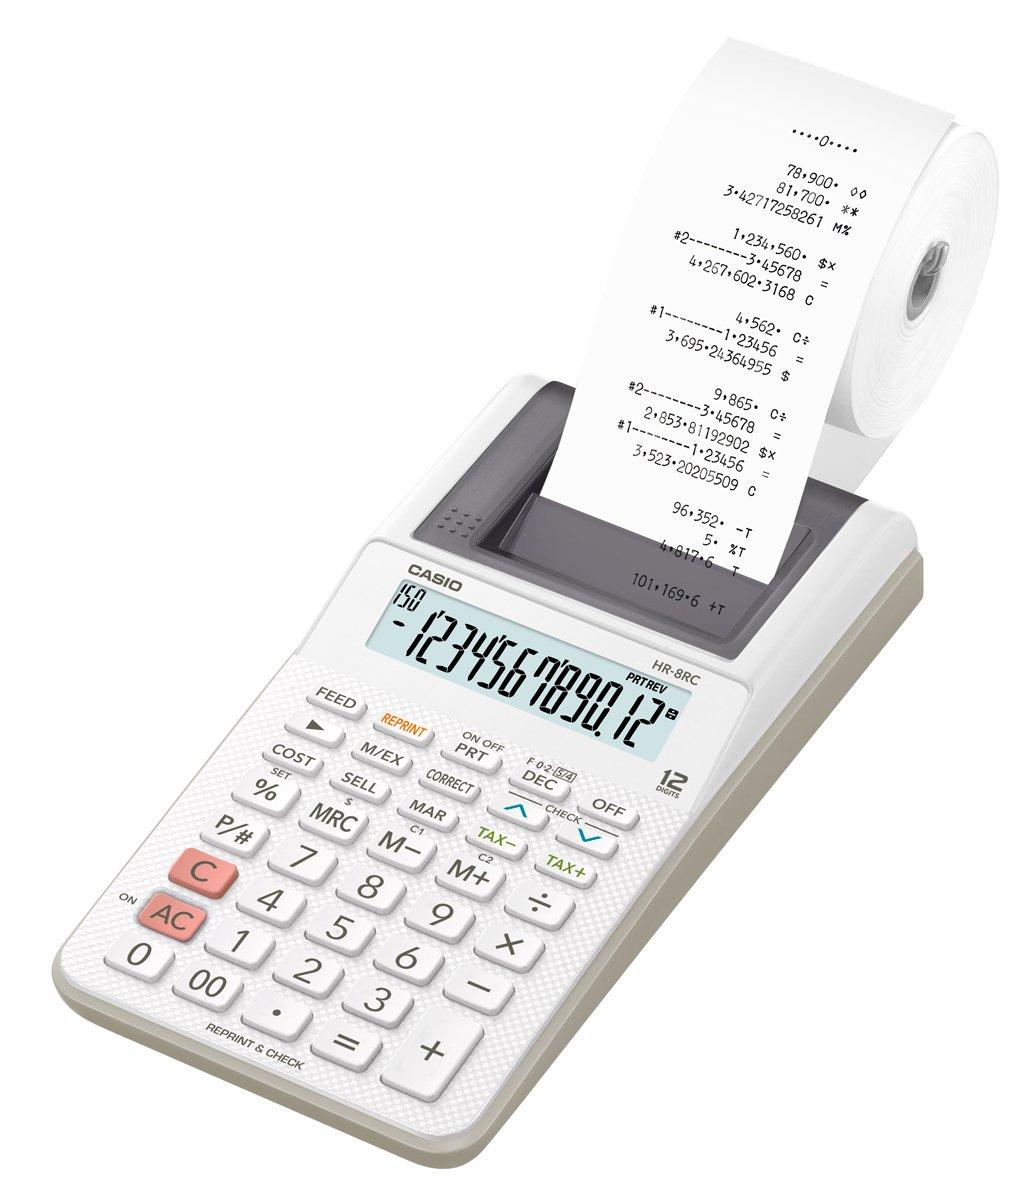 カシオ プリンター電卓 HR-8RC-WE